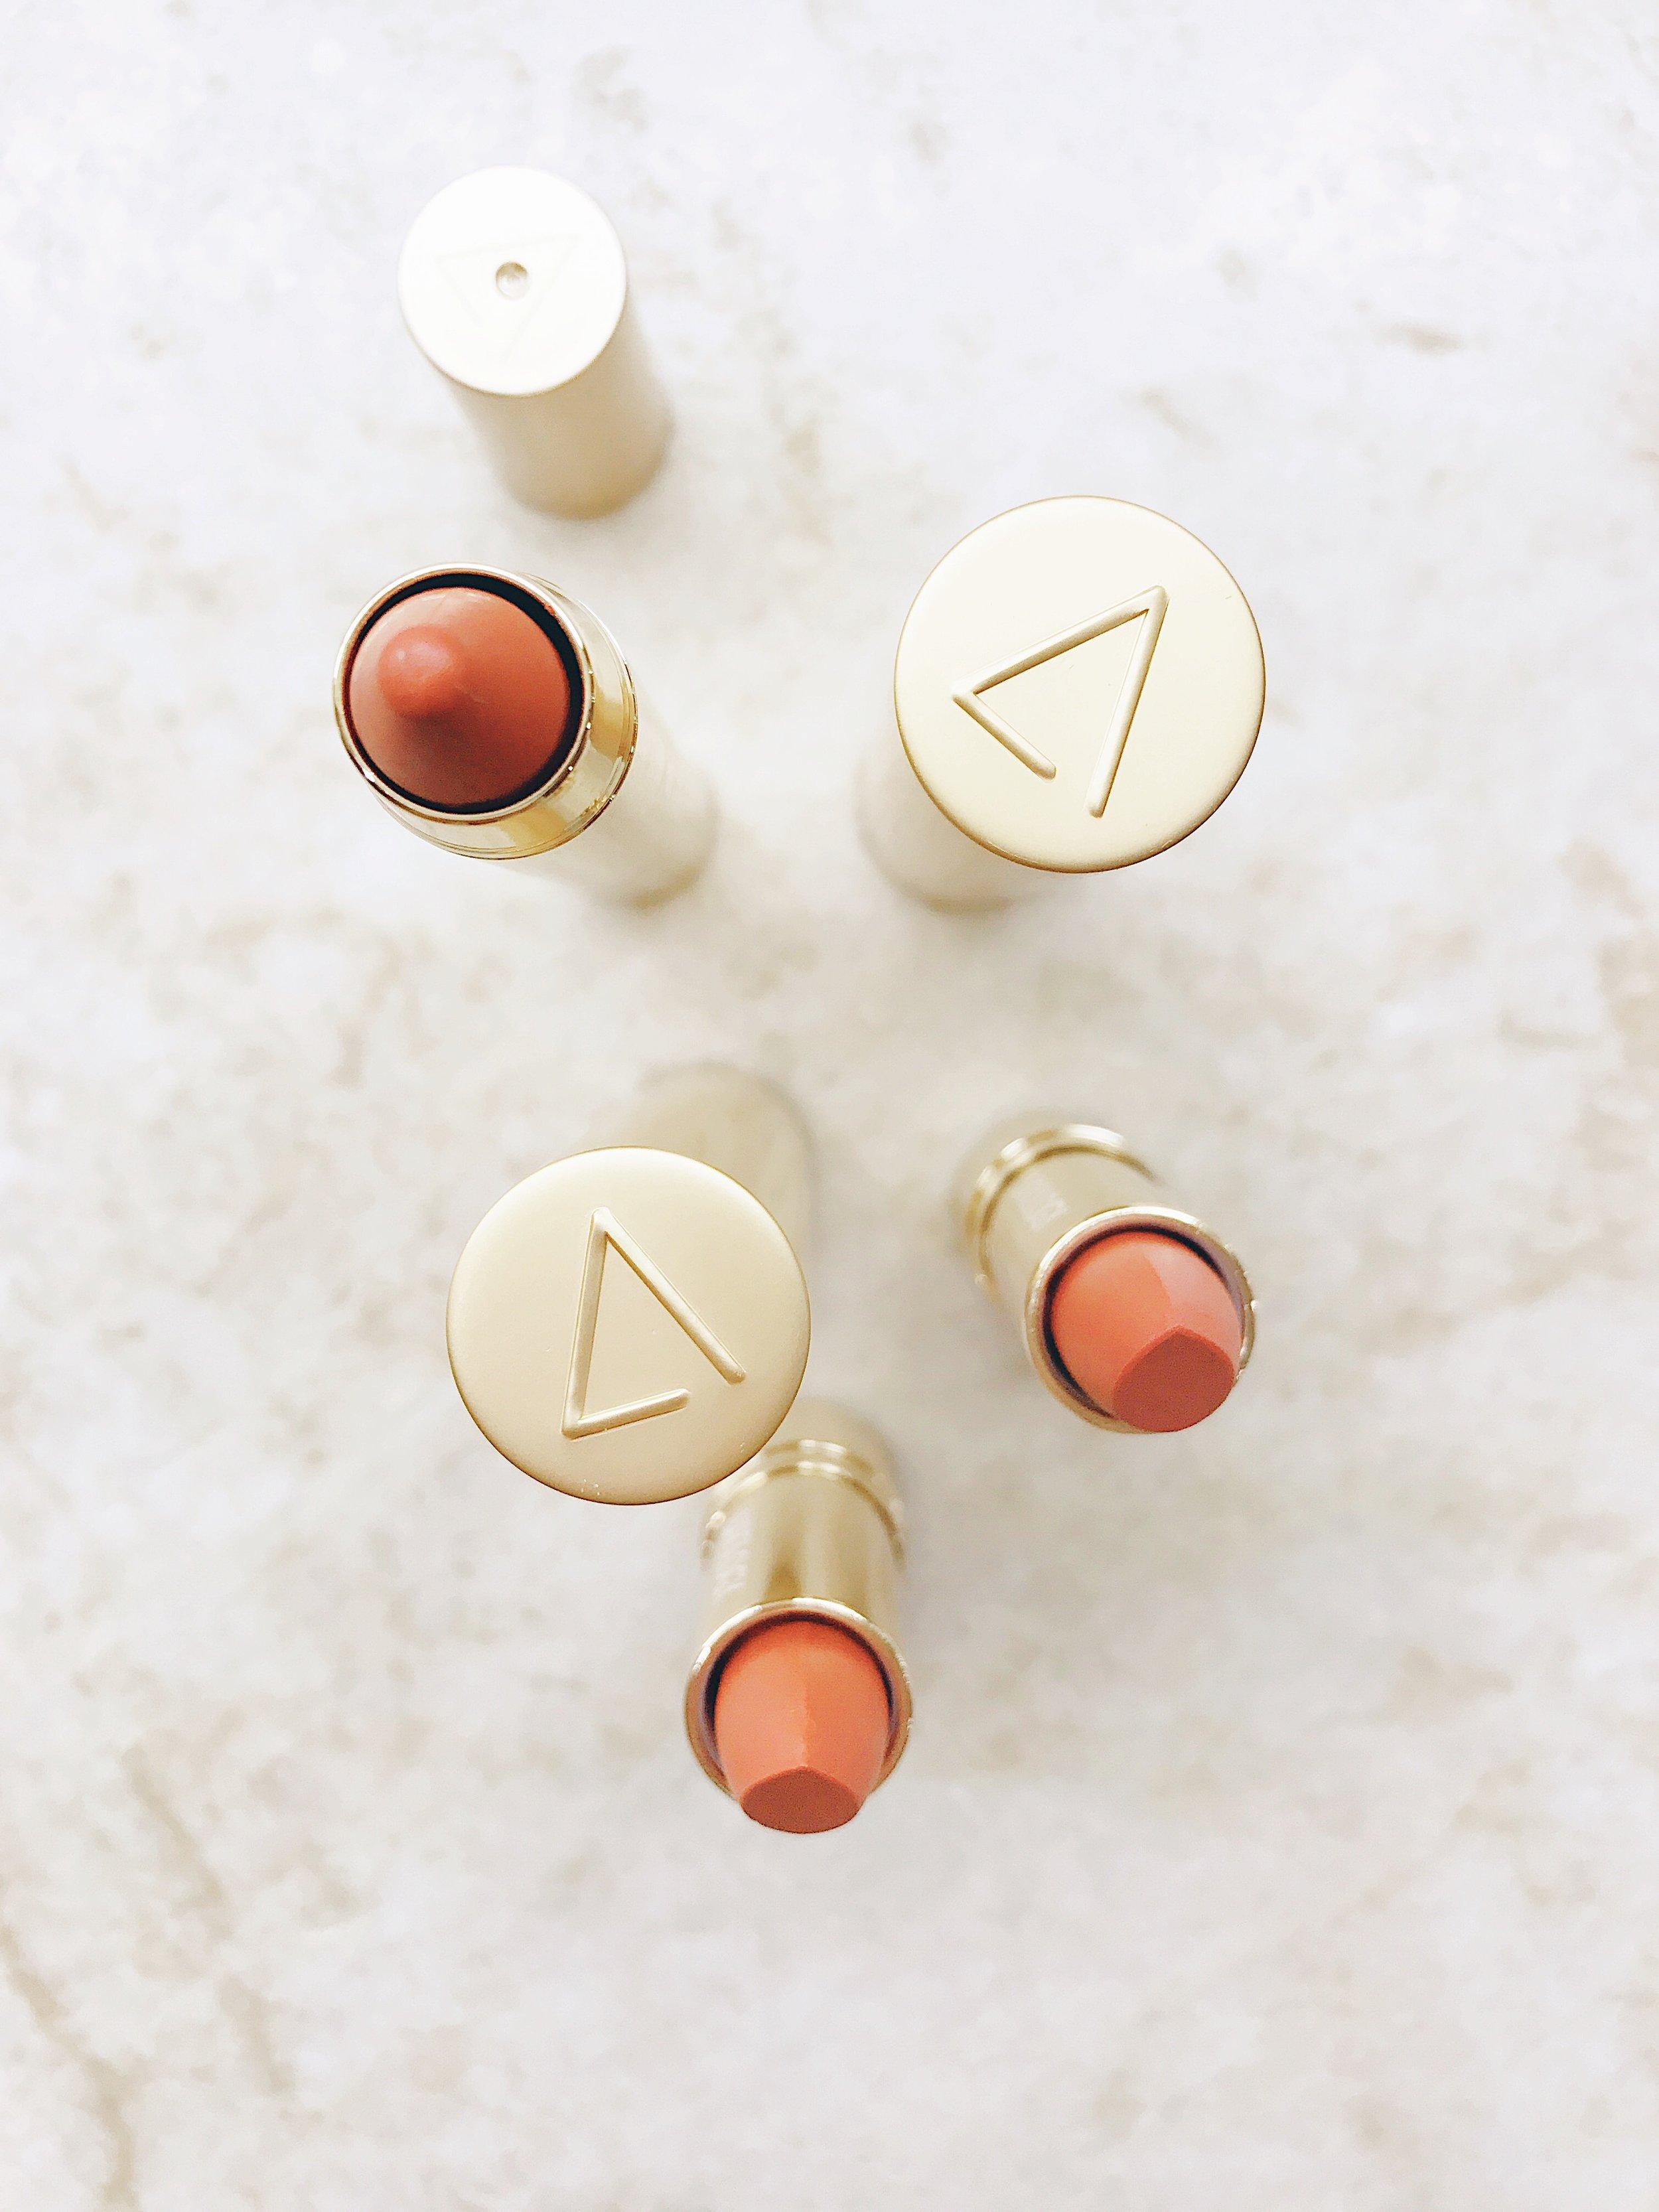 Axiology Organic Lipstick and Lip Crayons at Revolve | janny: organically.